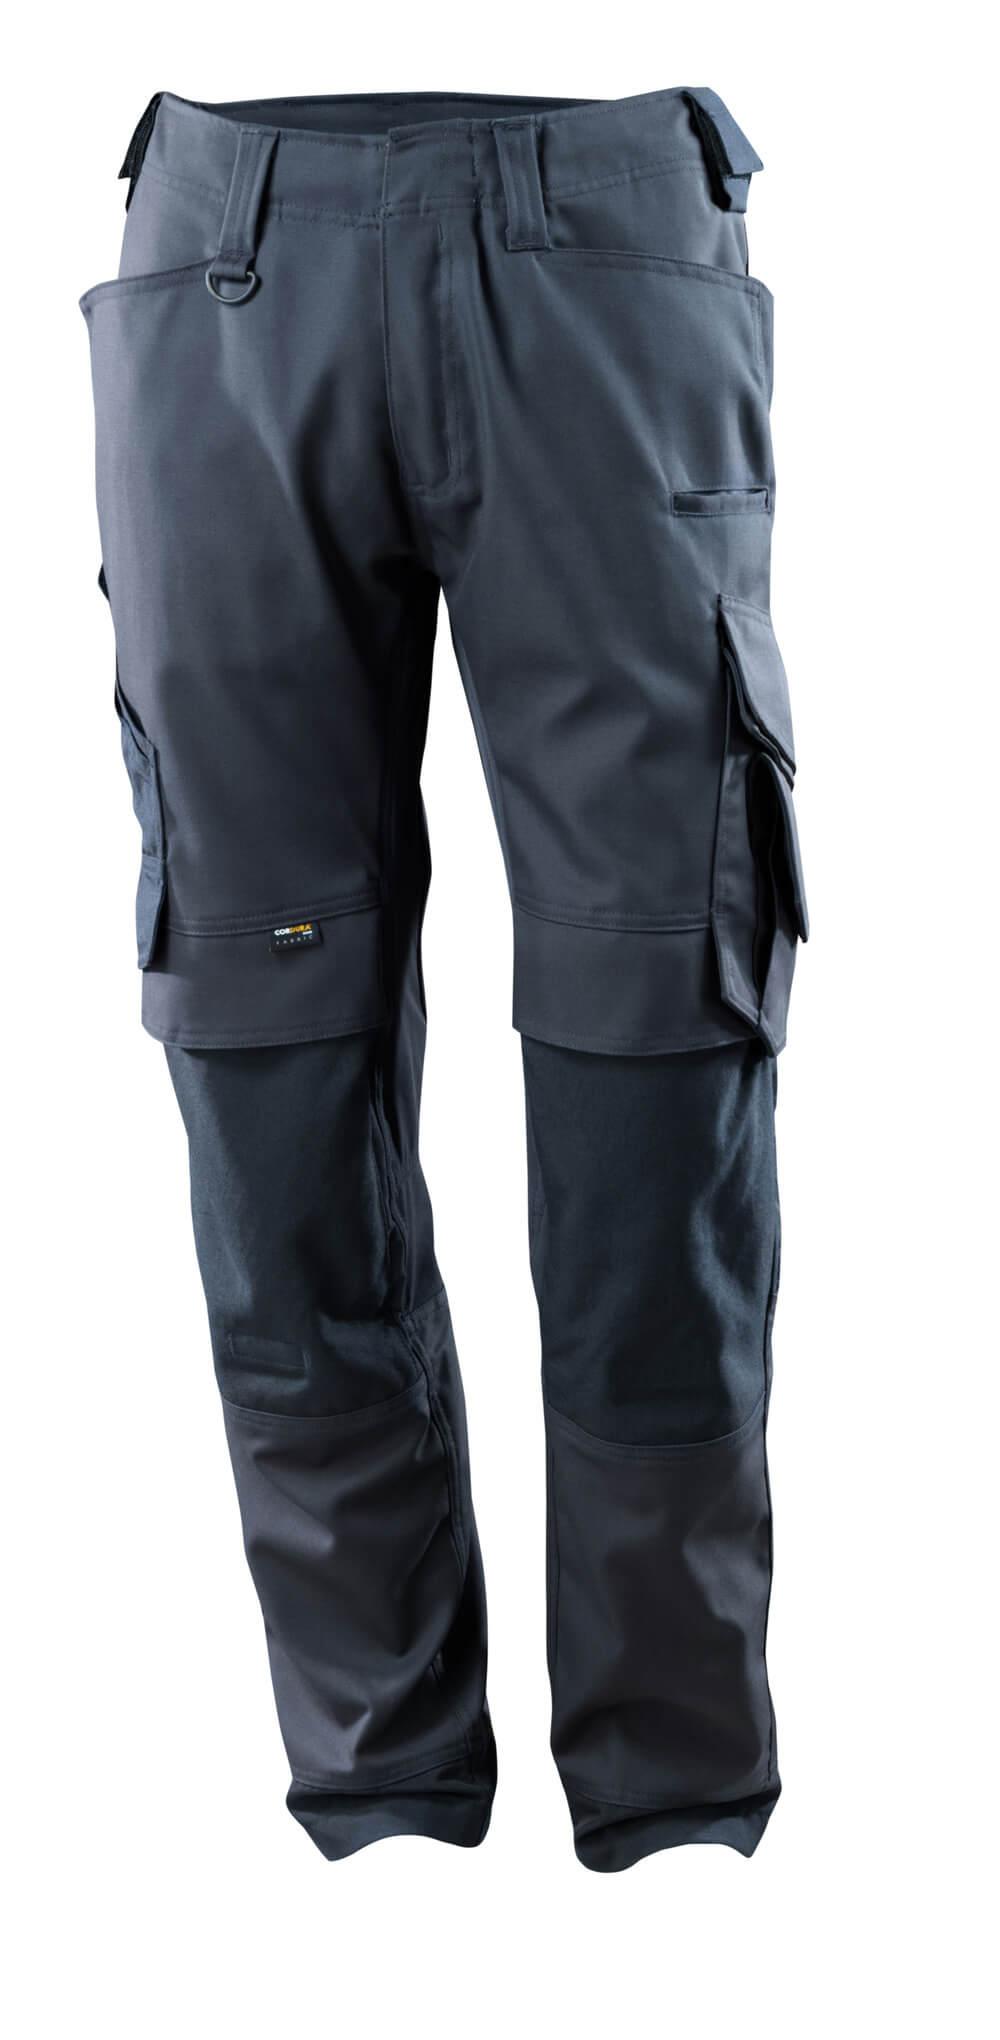 15079-010-010 Pantaloni con tasche porta-ginocchiere - blu navy scuro